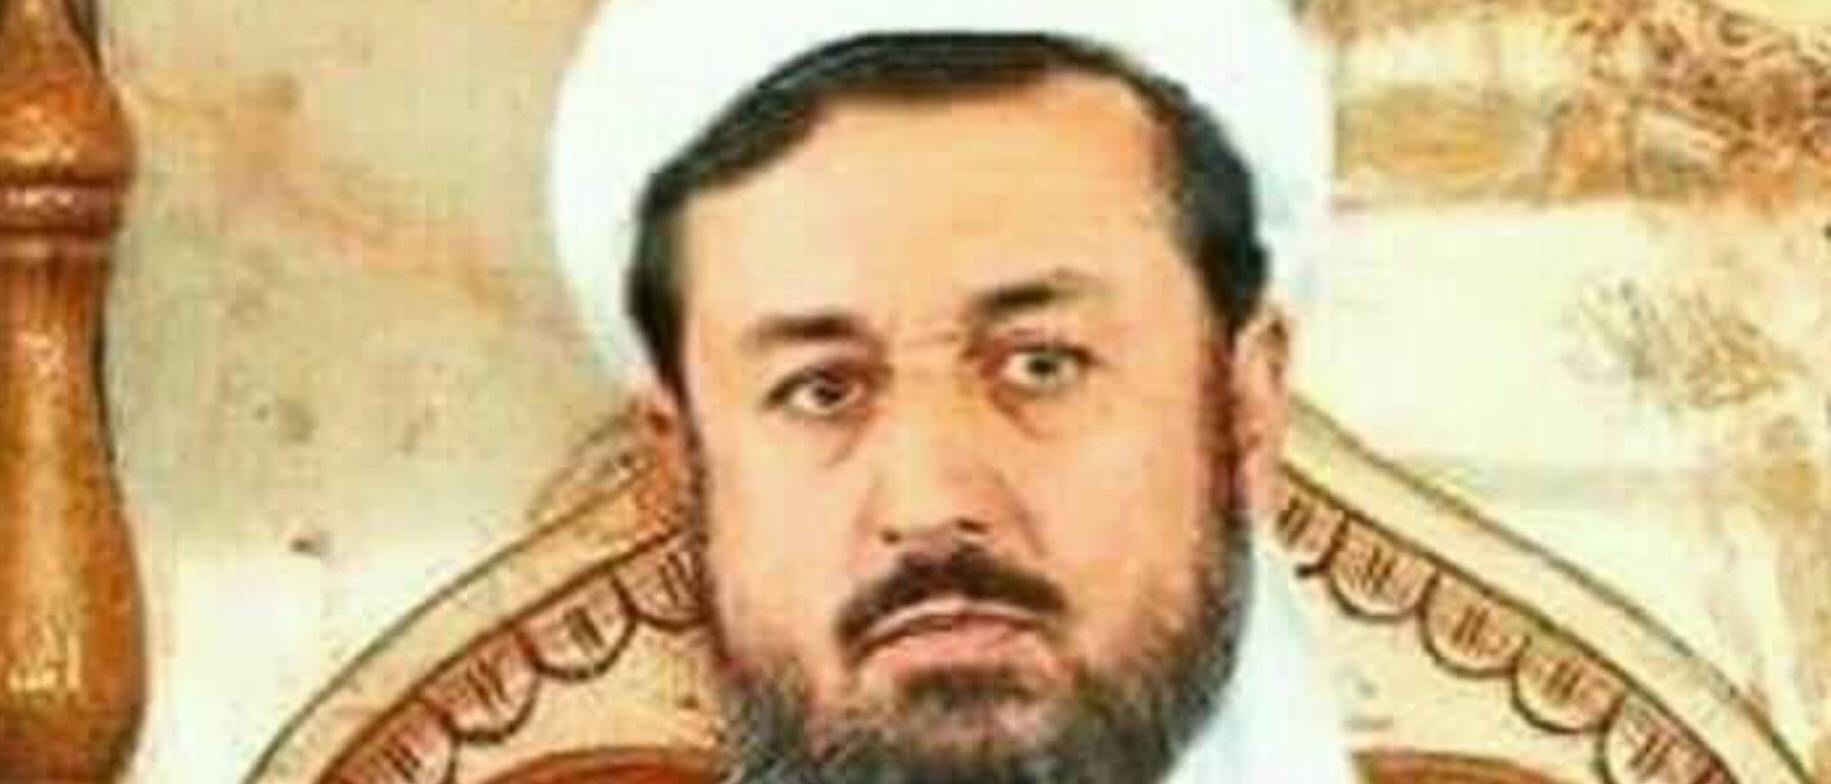 Kabul explosion killed imam